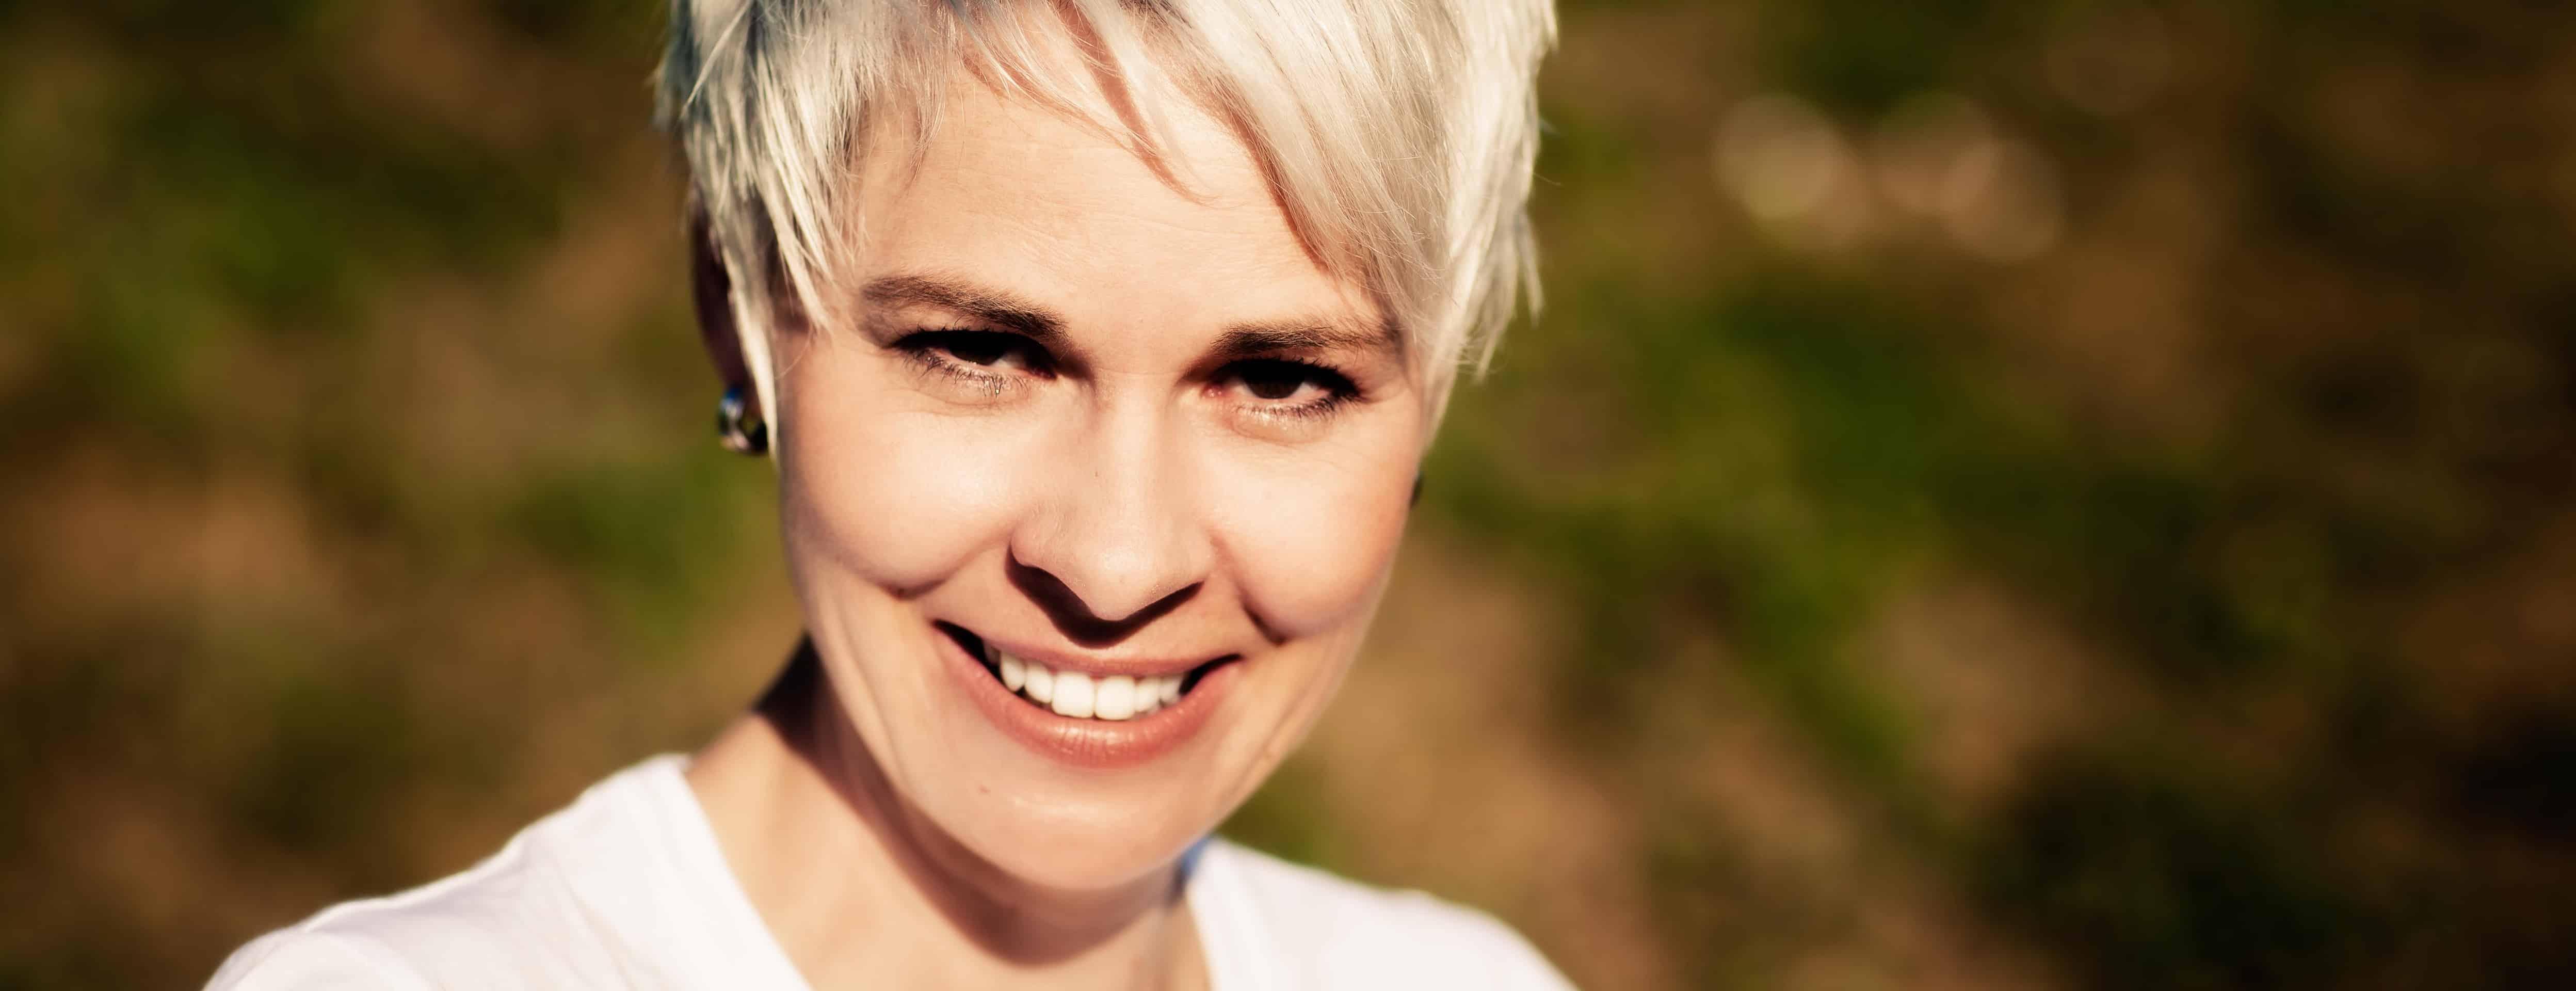 """Gründerinterview mit mir selbst: Bettina Sturm vom FoodPreneur Blog """"Respekt Herr Specht"""", München"""